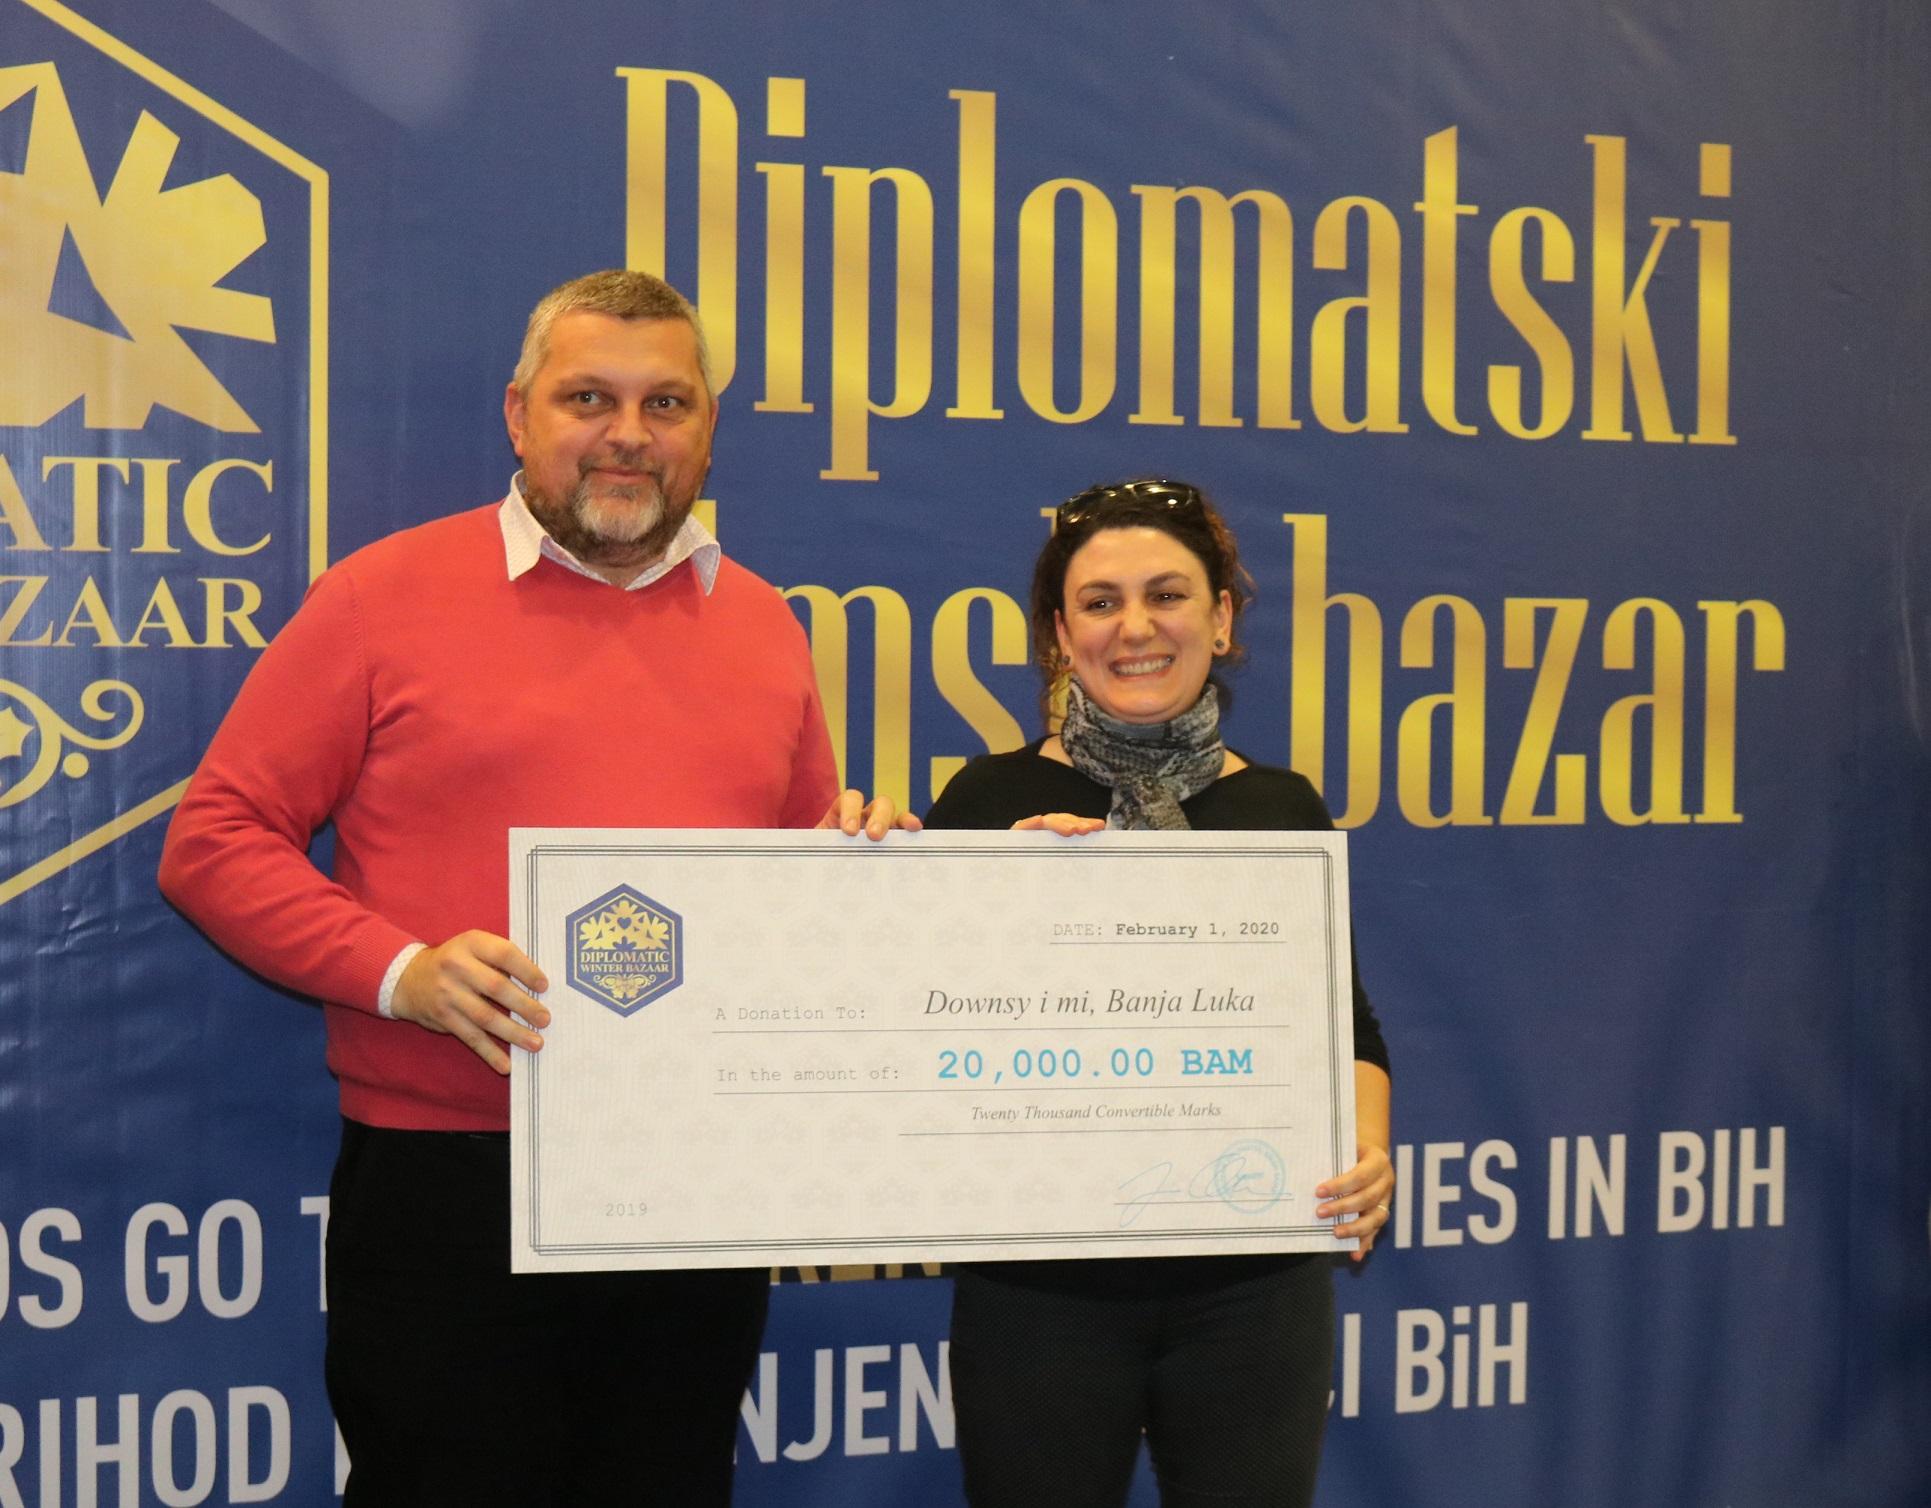 Diplomatski Bazar 1